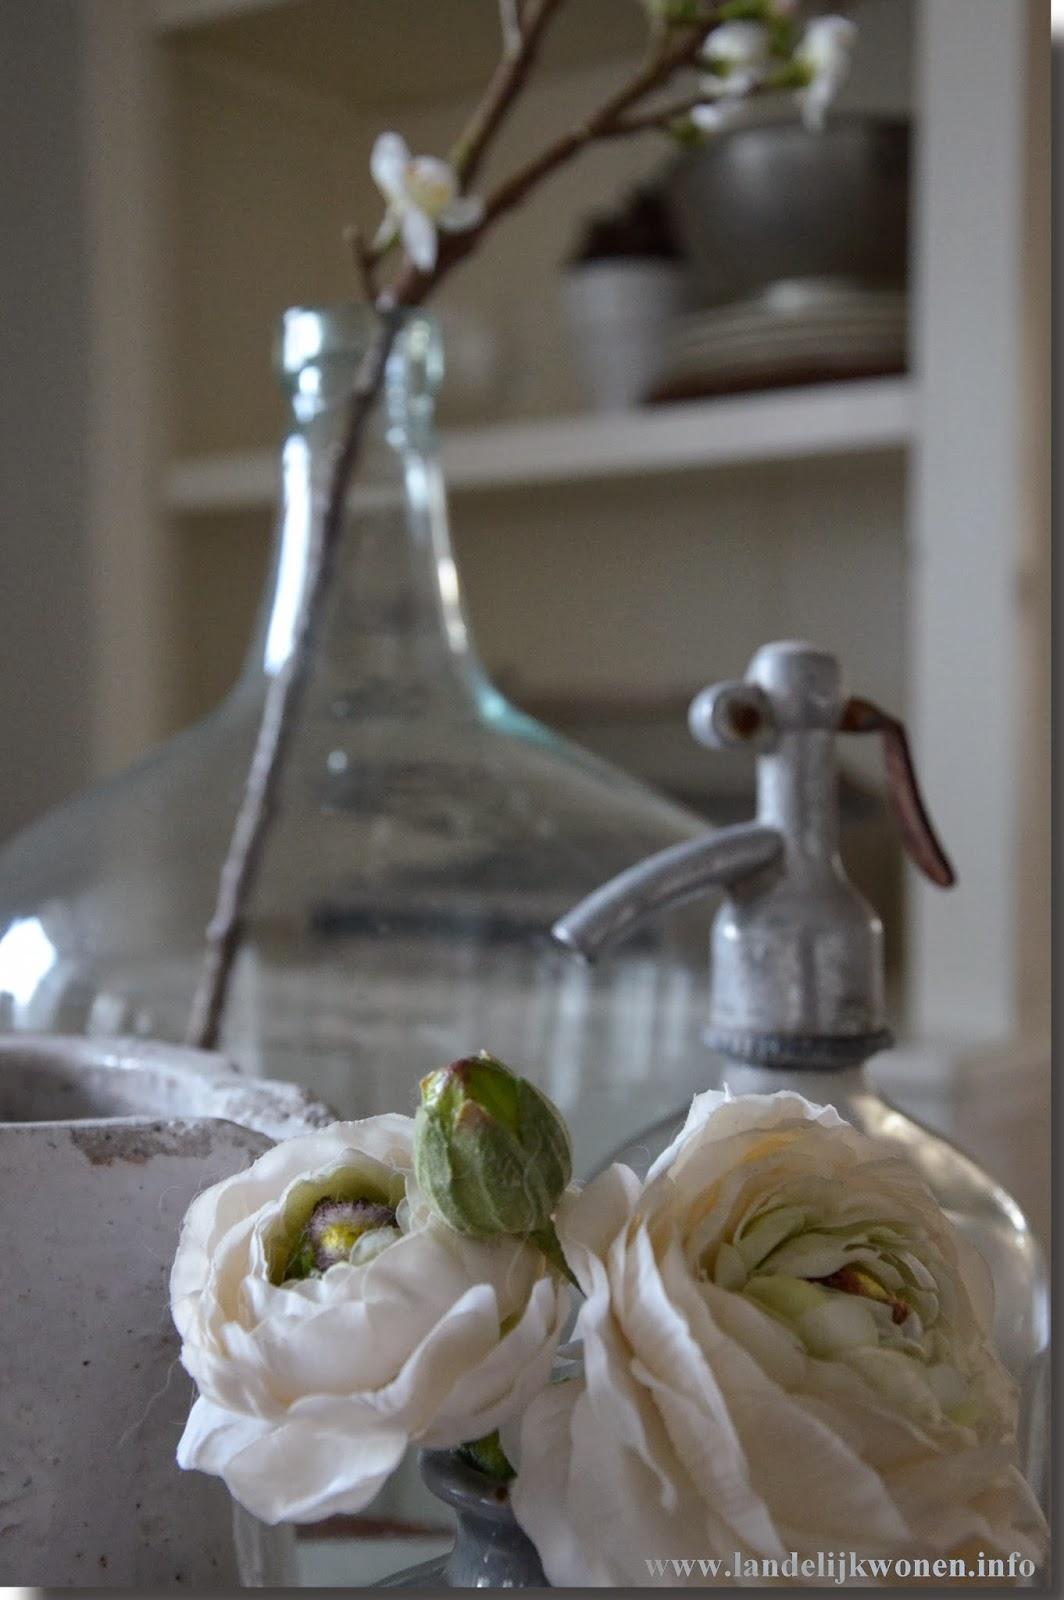 Keukentafel Landelijke Stijl : Zijden bloemen, in dit geval Ranonkel op de voorgrond en bloesem op de